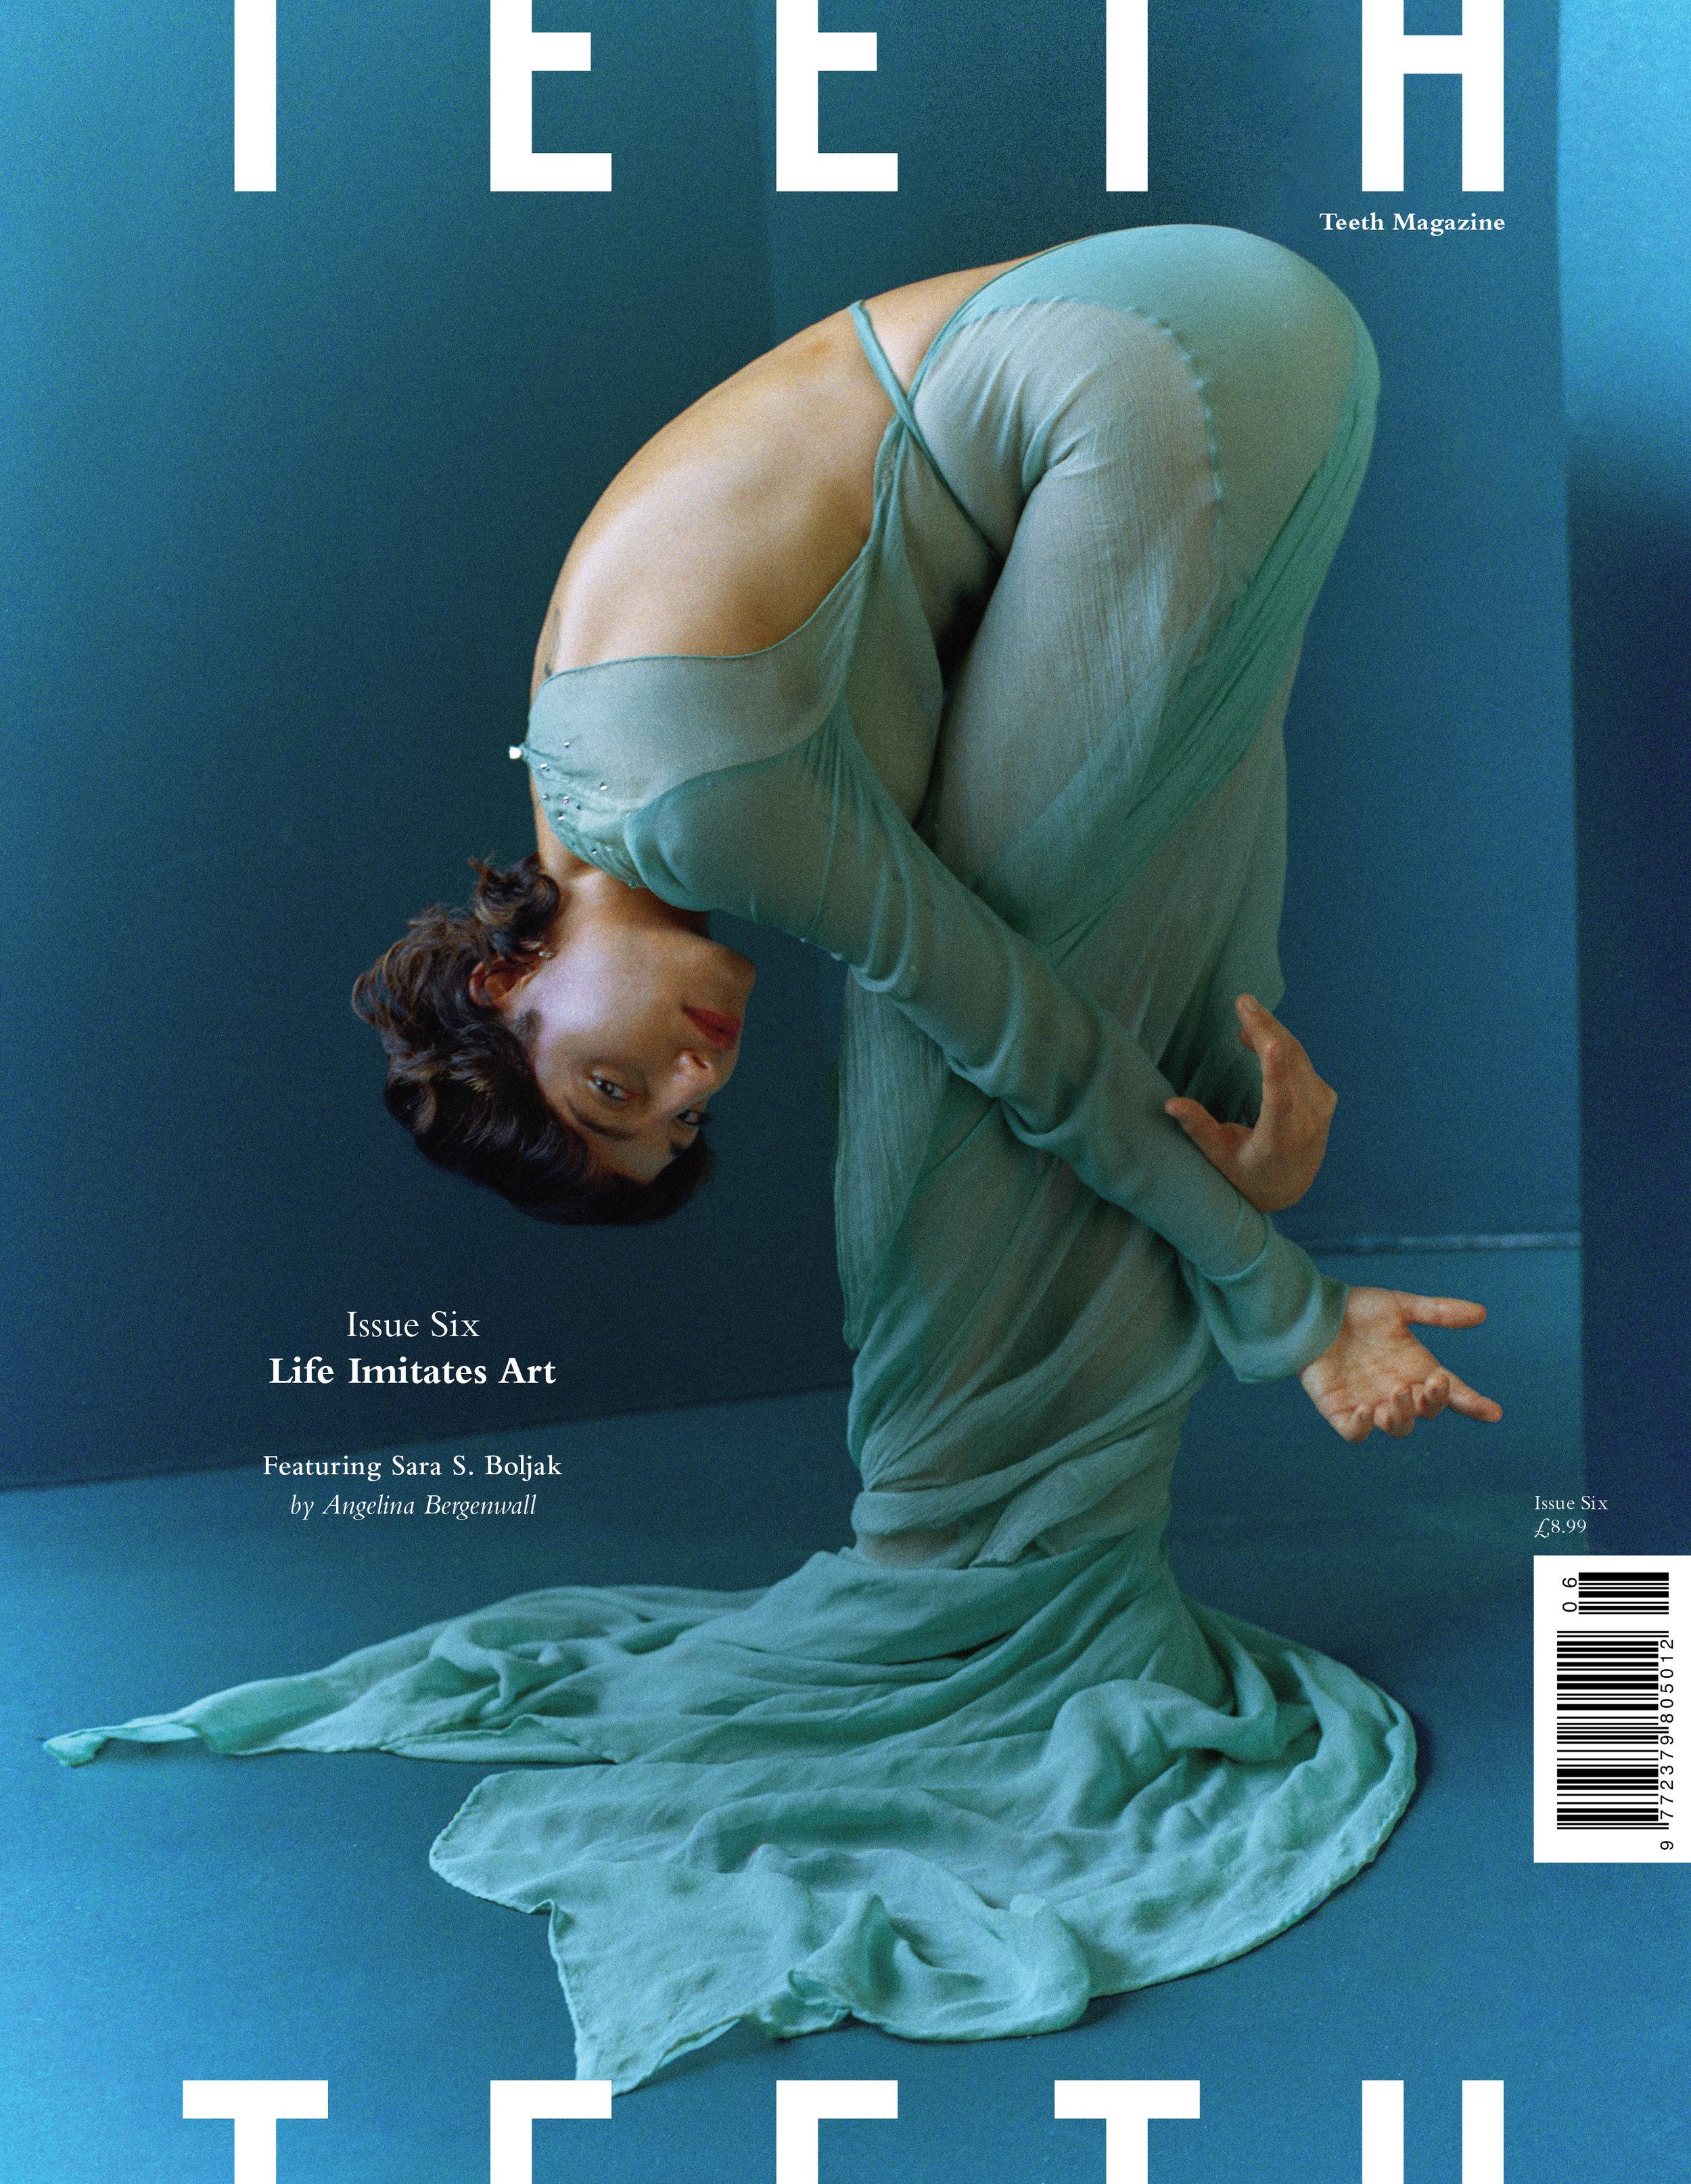 Sara Cover.jpg